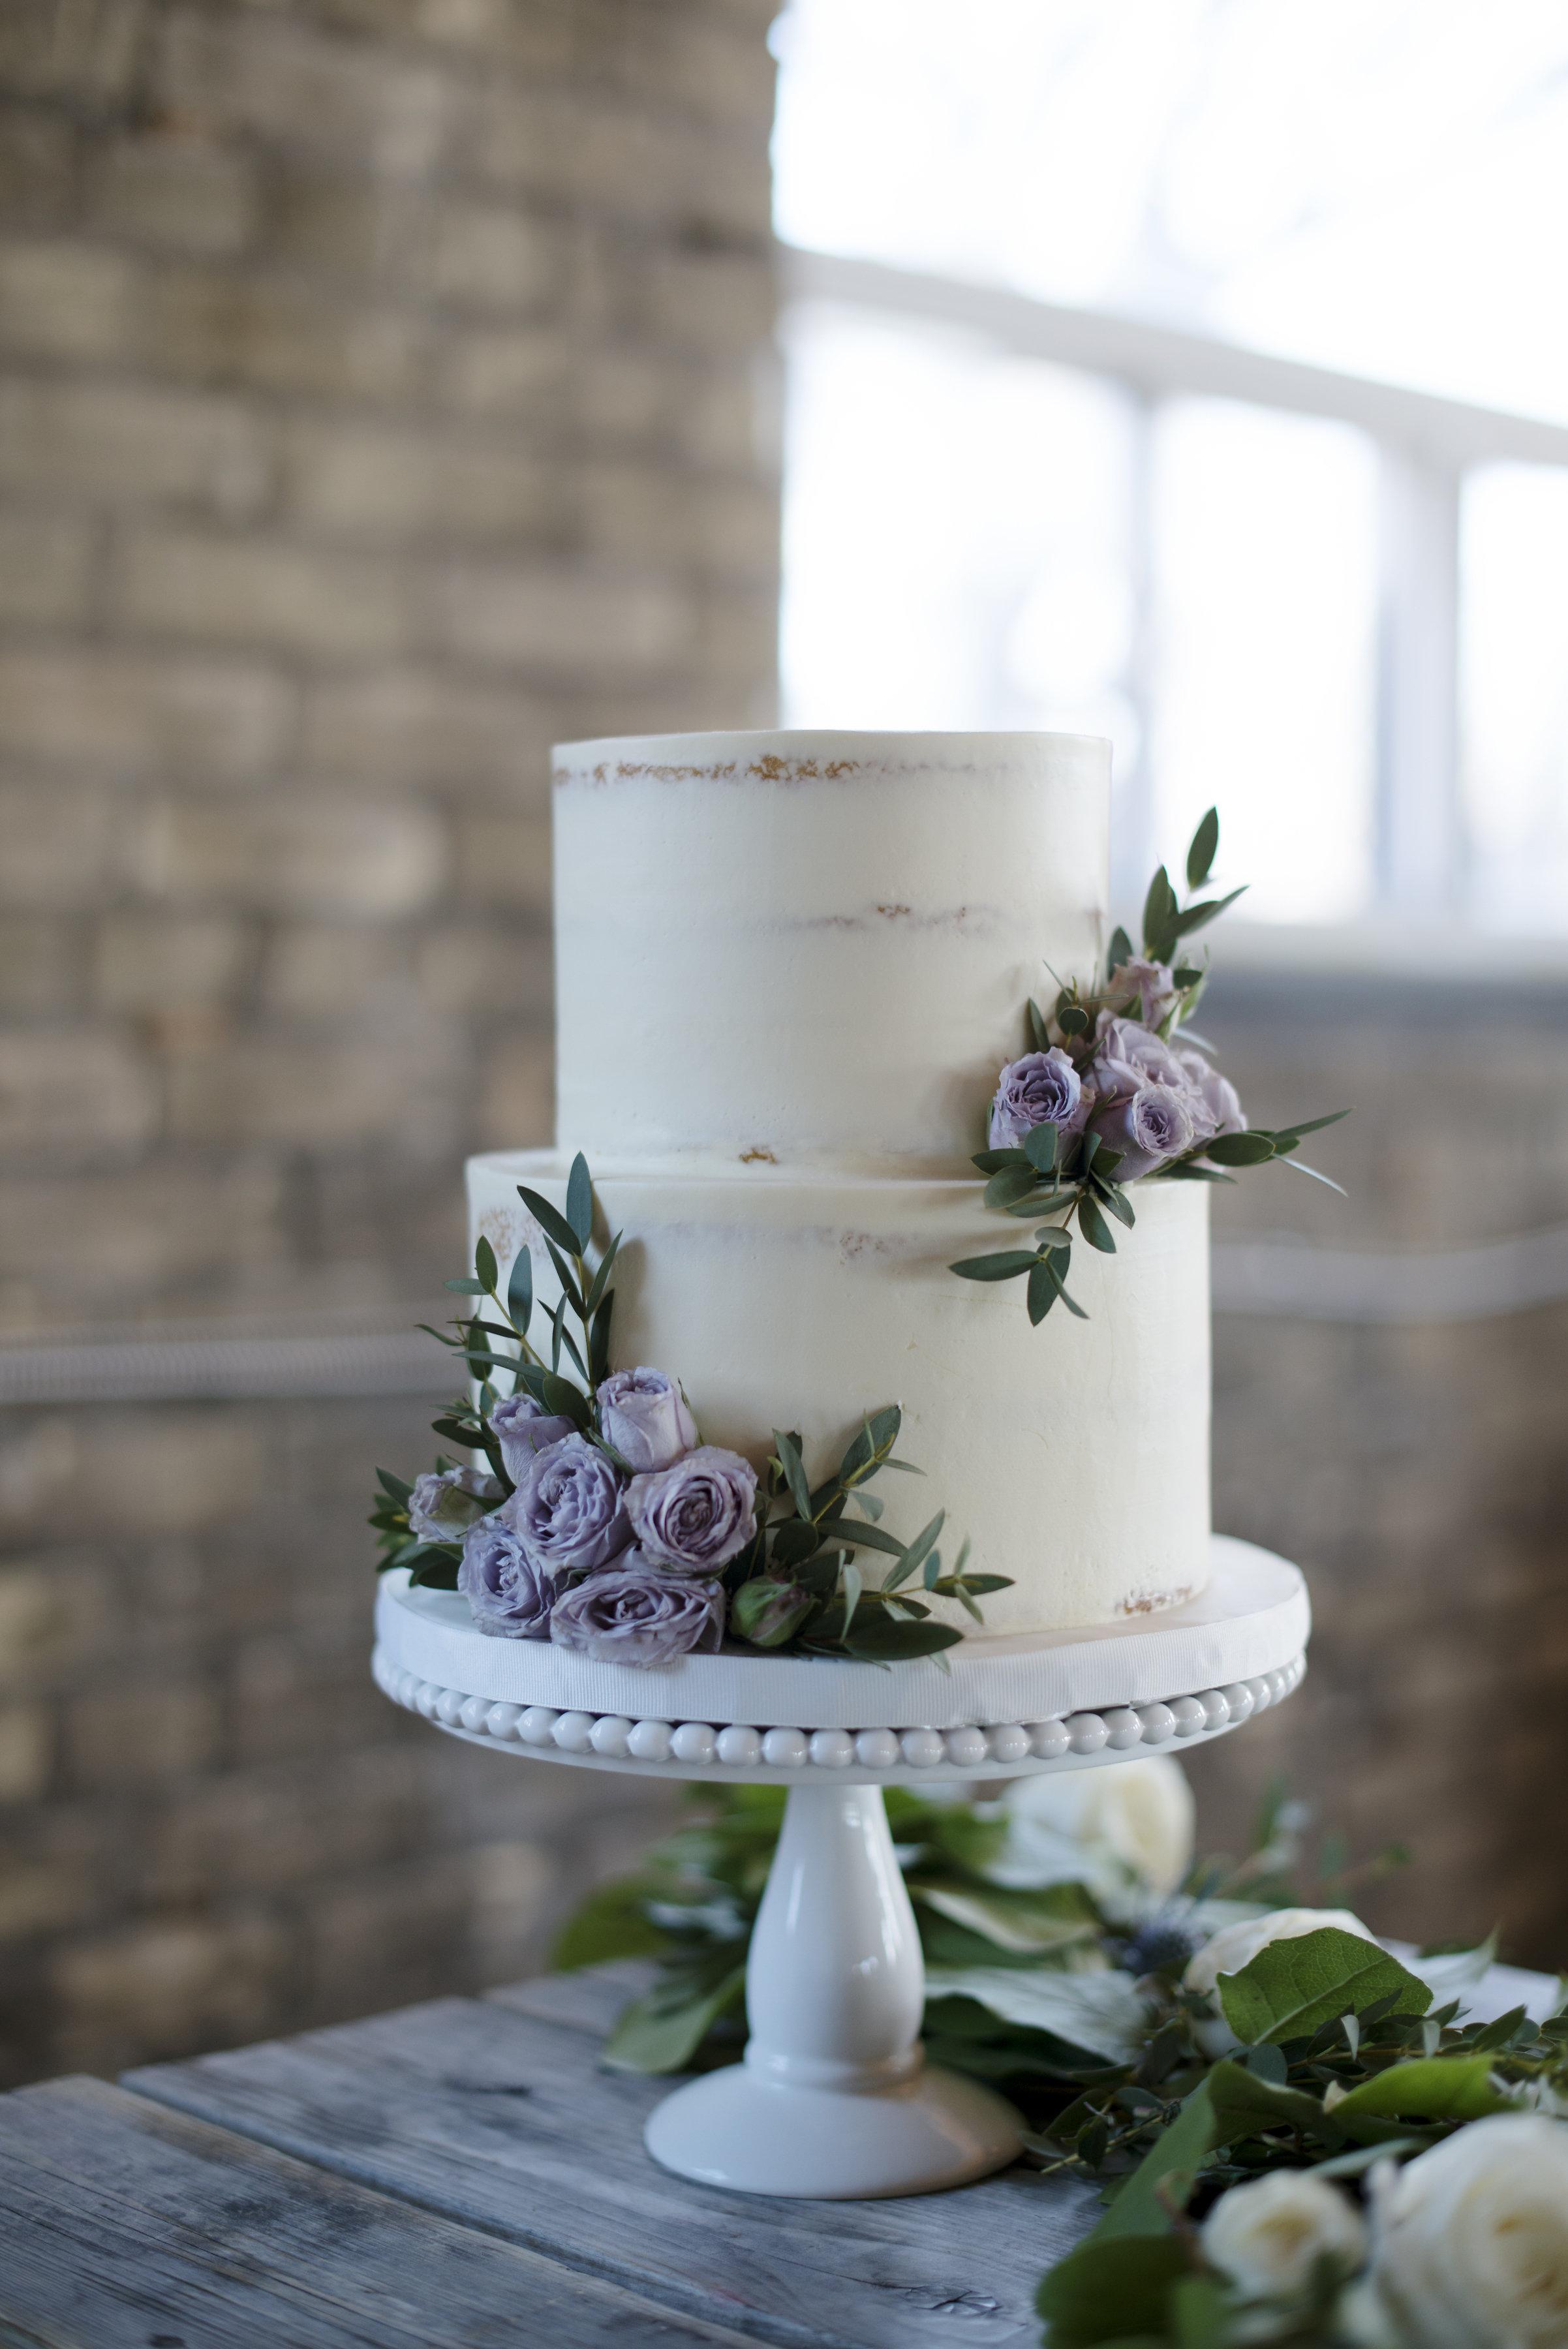 RosewoodWeddingPhotos-StyledShoot-LeDolci-WeddingCake-6.JPG